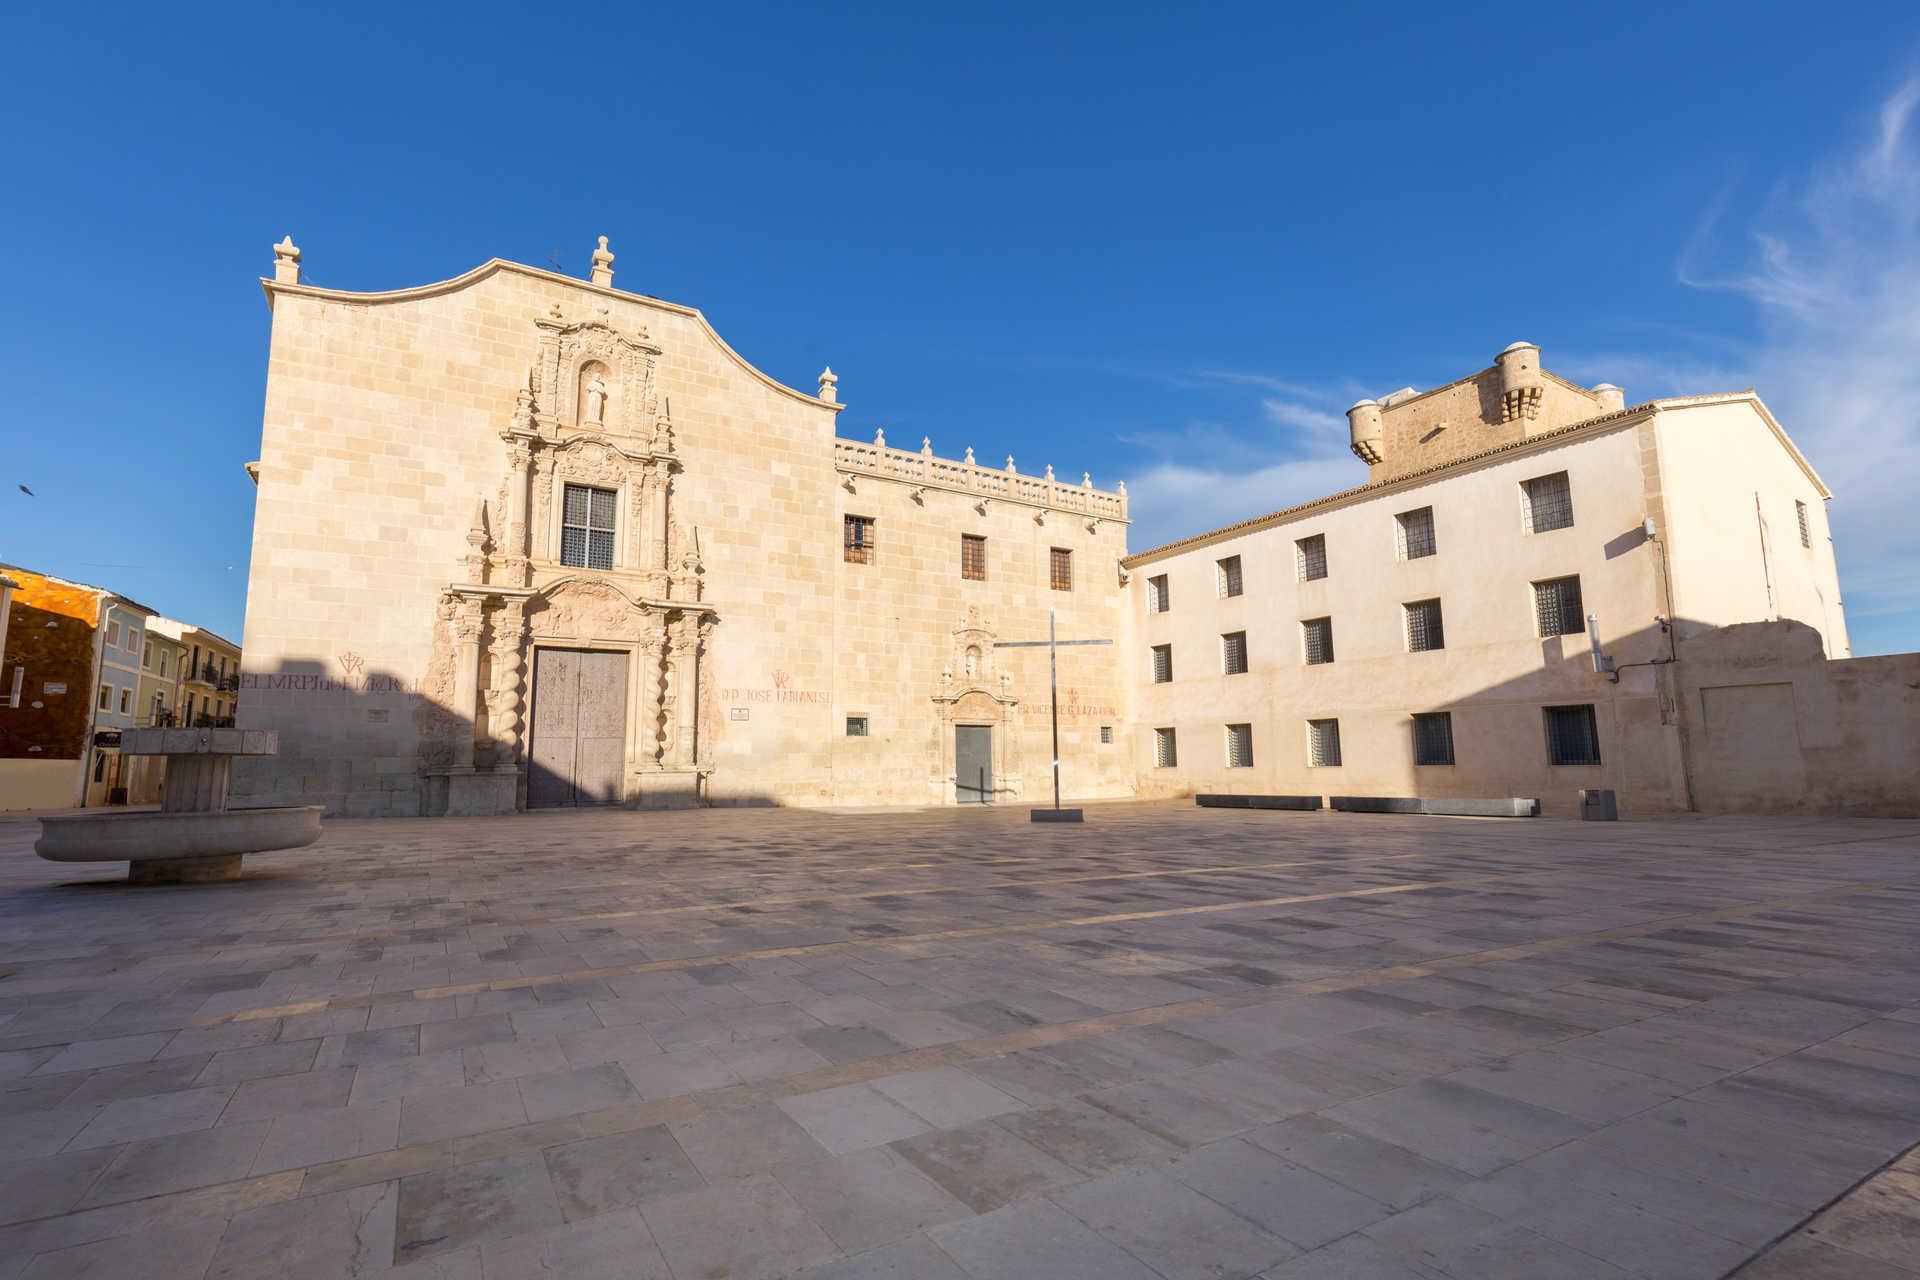 The Monastery Of The Santa Faz